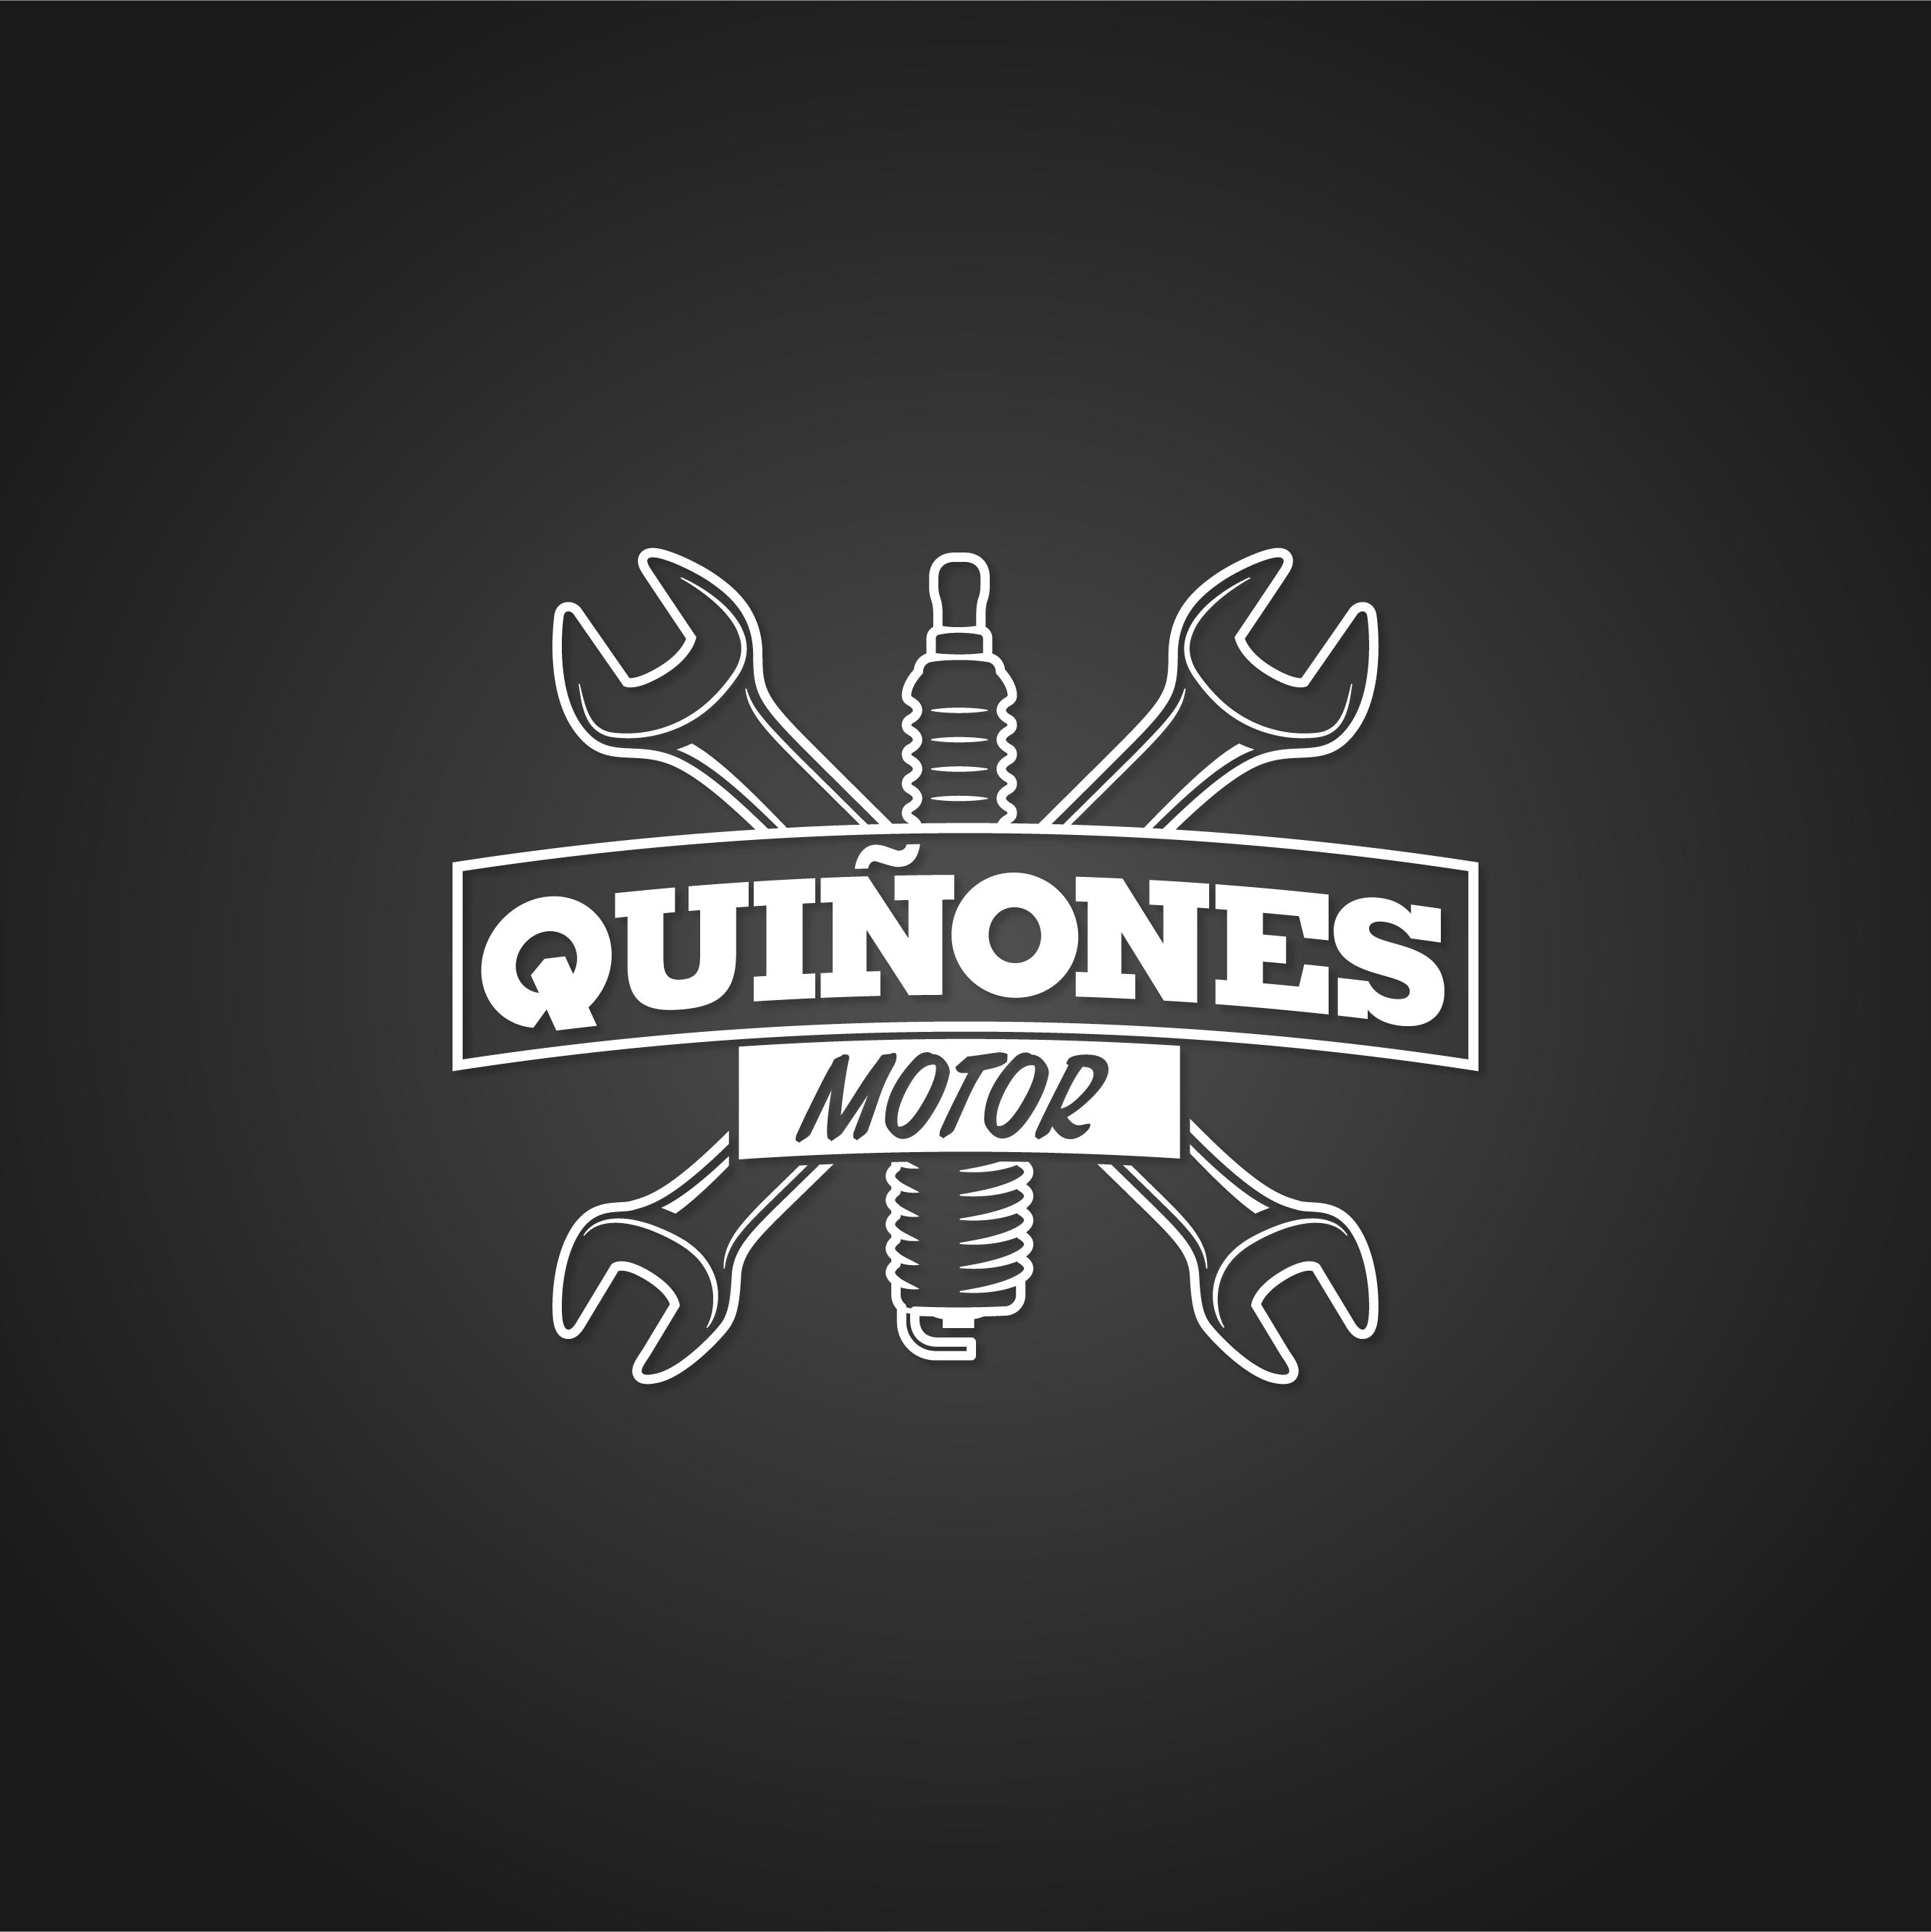 Logotipo negativo Quiñones motor